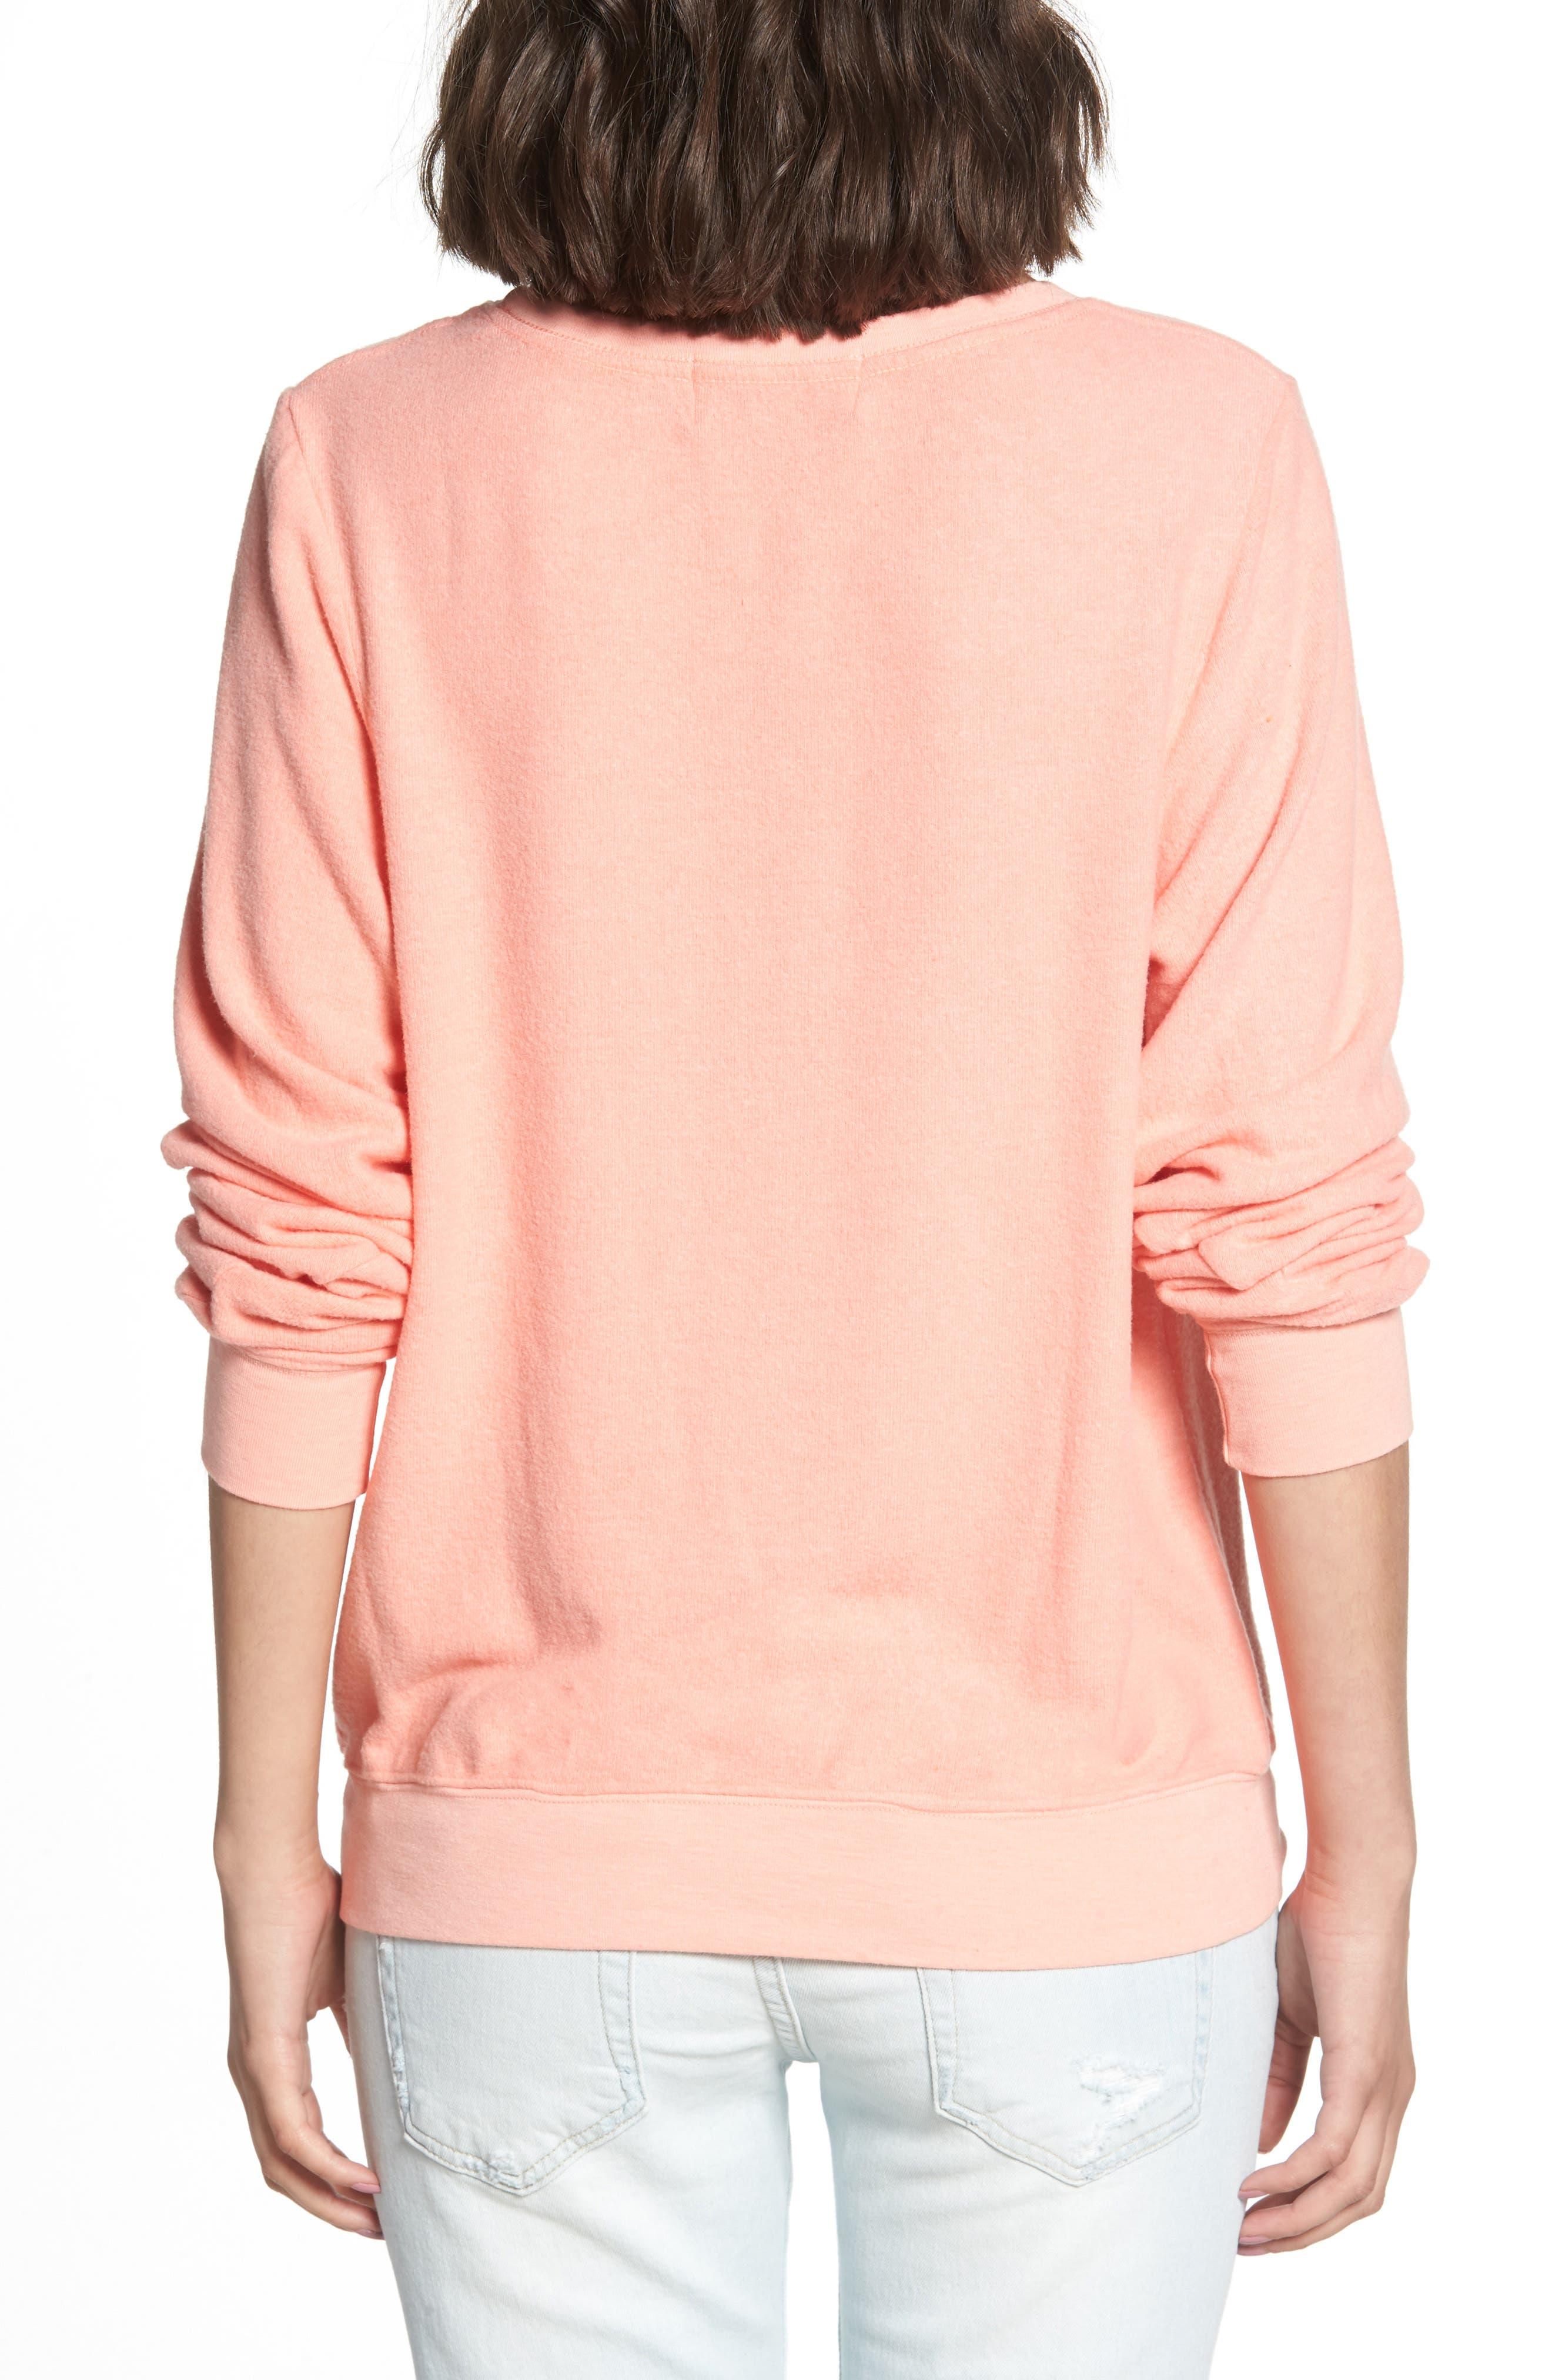 Rosé Glasses Beach Sweatshirt,                             Alternate thumbnail 2, color,                             Coral